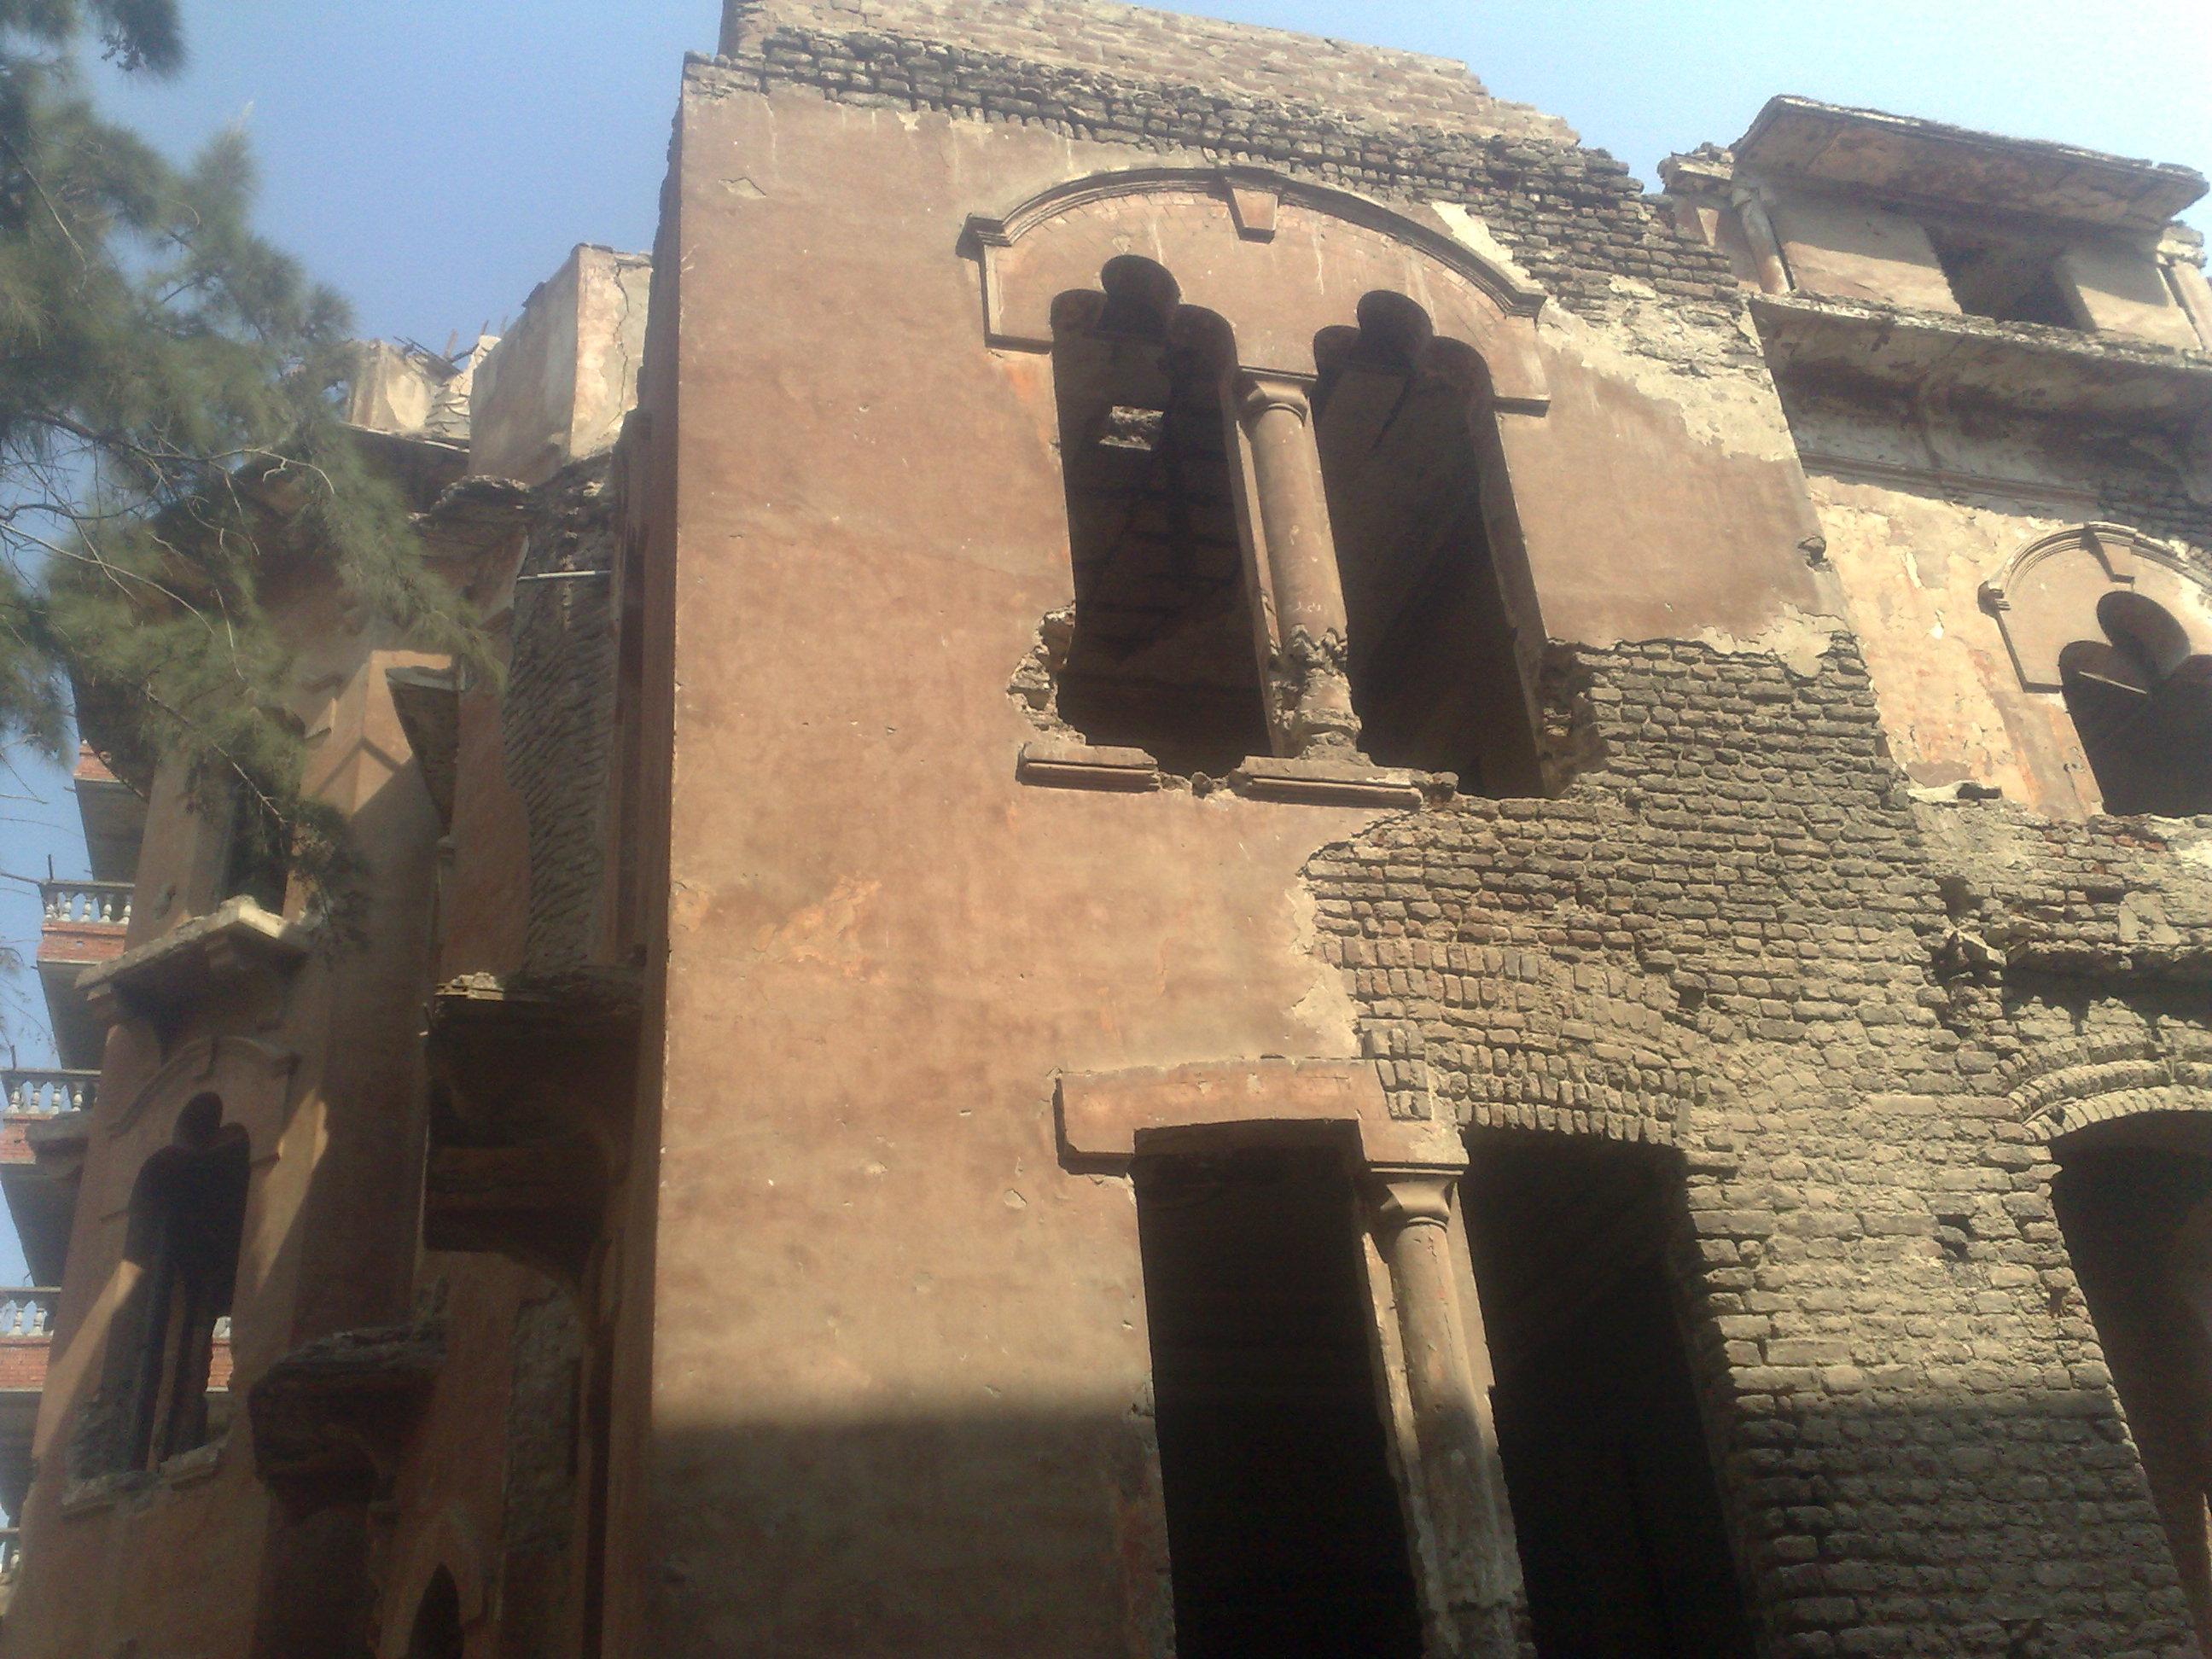 القصر الاحمر بالمنصورة وعلامات الاهمال تظهر عليه (8)